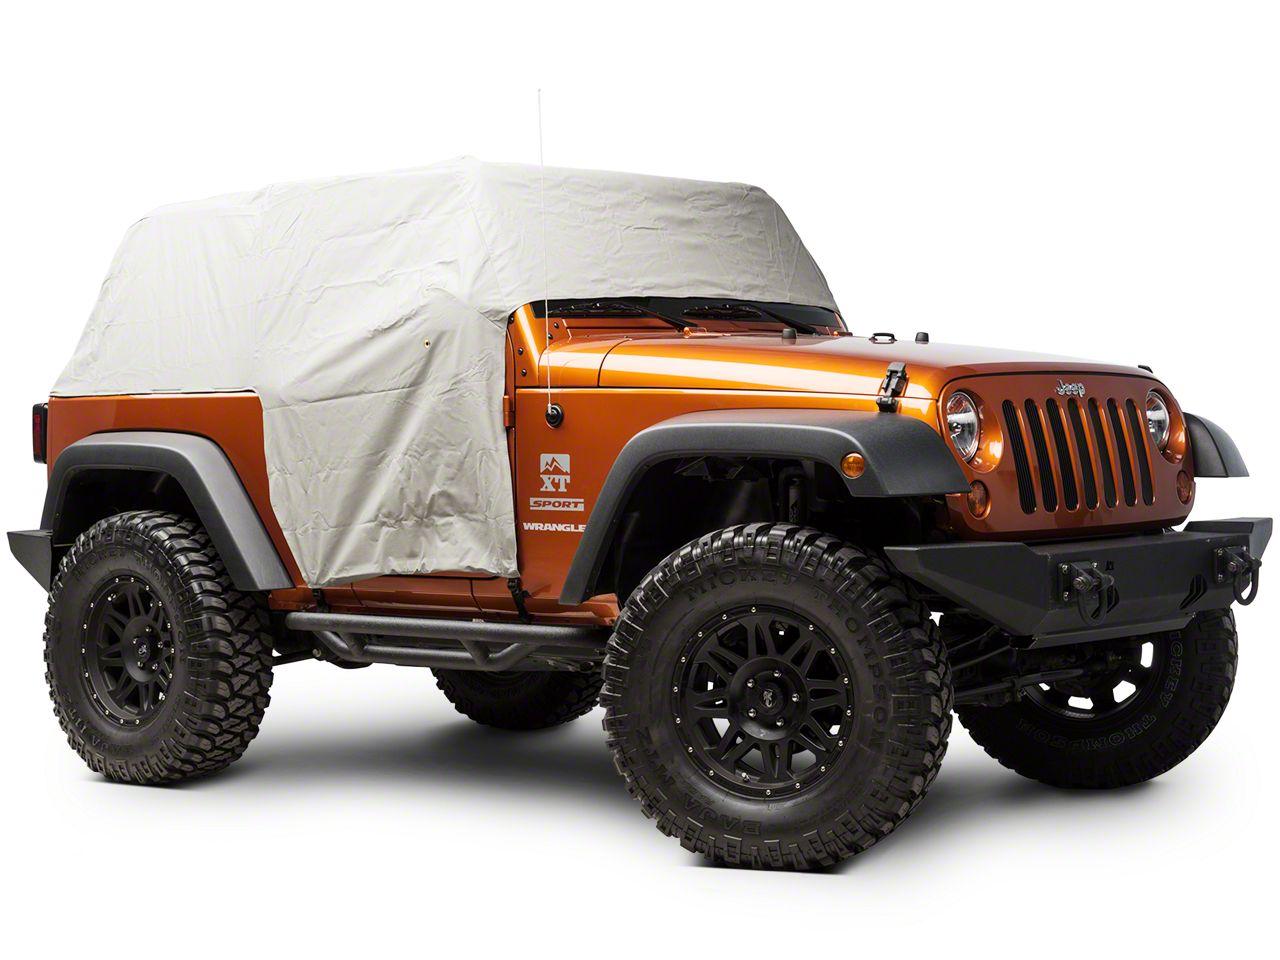 Bestop All-Weather Trail Cover - Gray (07-18 Jeep Wrangler JK 2 Door)